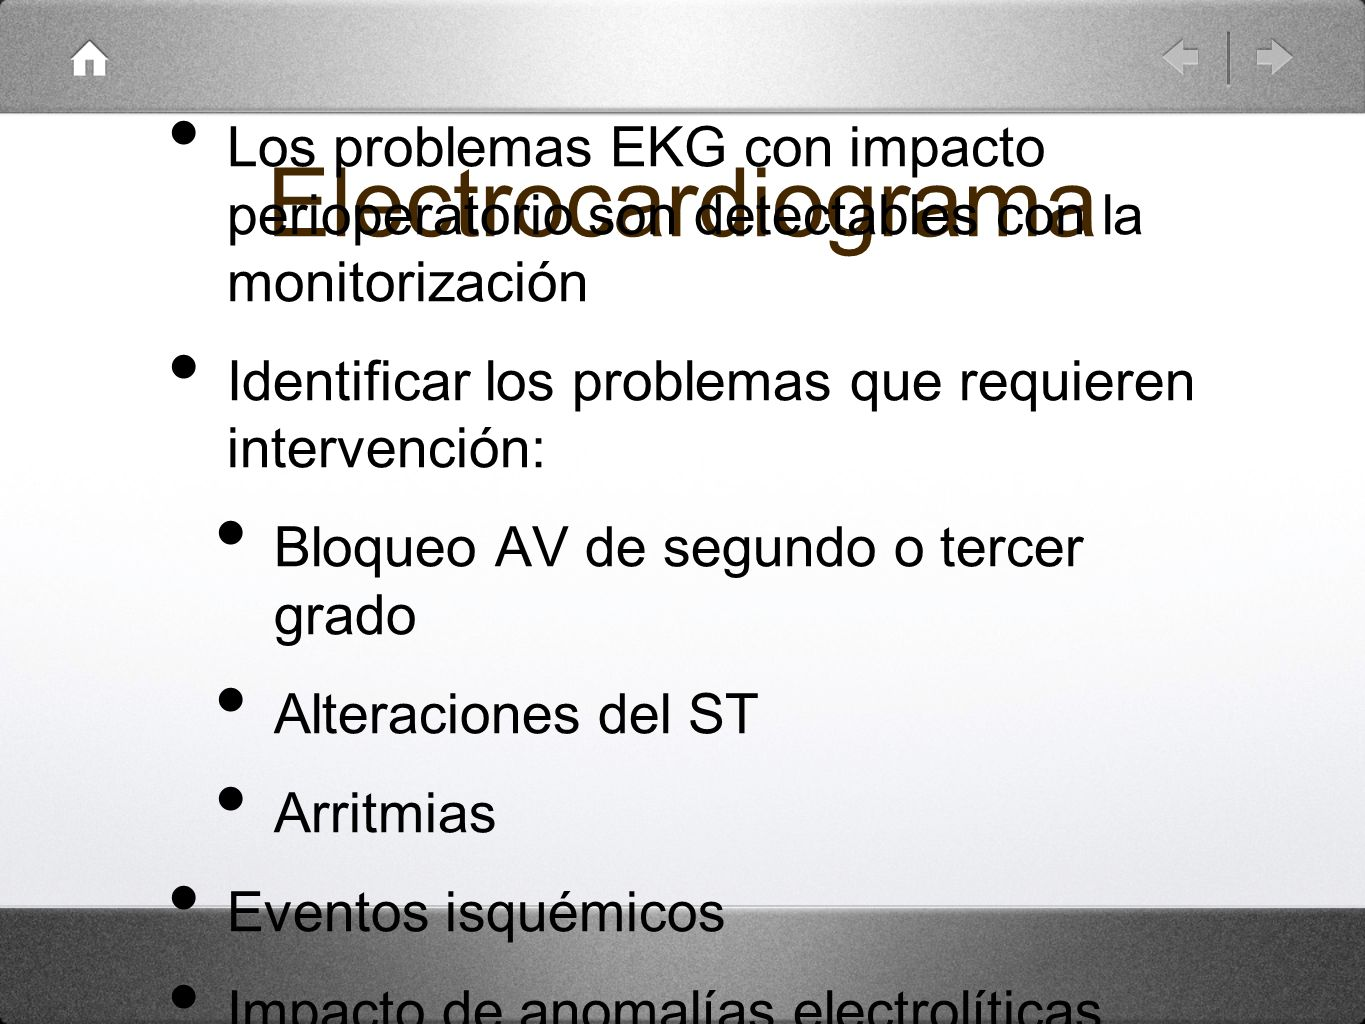 Electrocardiograma Los problemas EKG con impacto perioperatorio son detectables con la monitorización Identificar los problemas que requieren interven